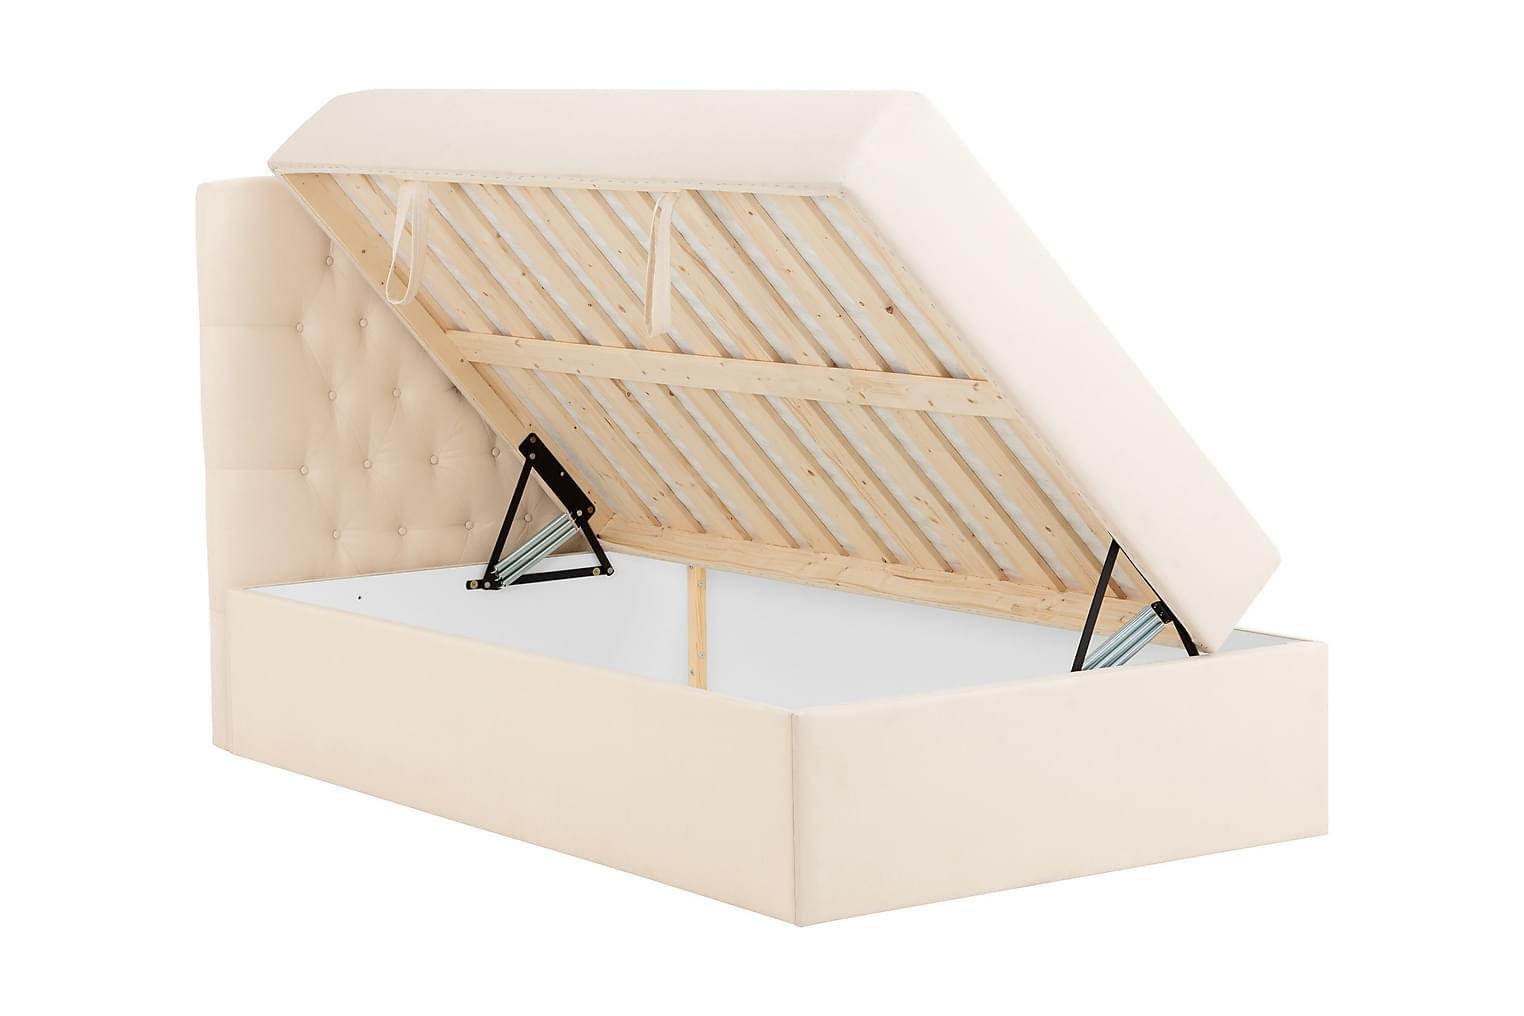 Boxbed BOXBED 140 Förvaringssäng - Sängpaket Beige -